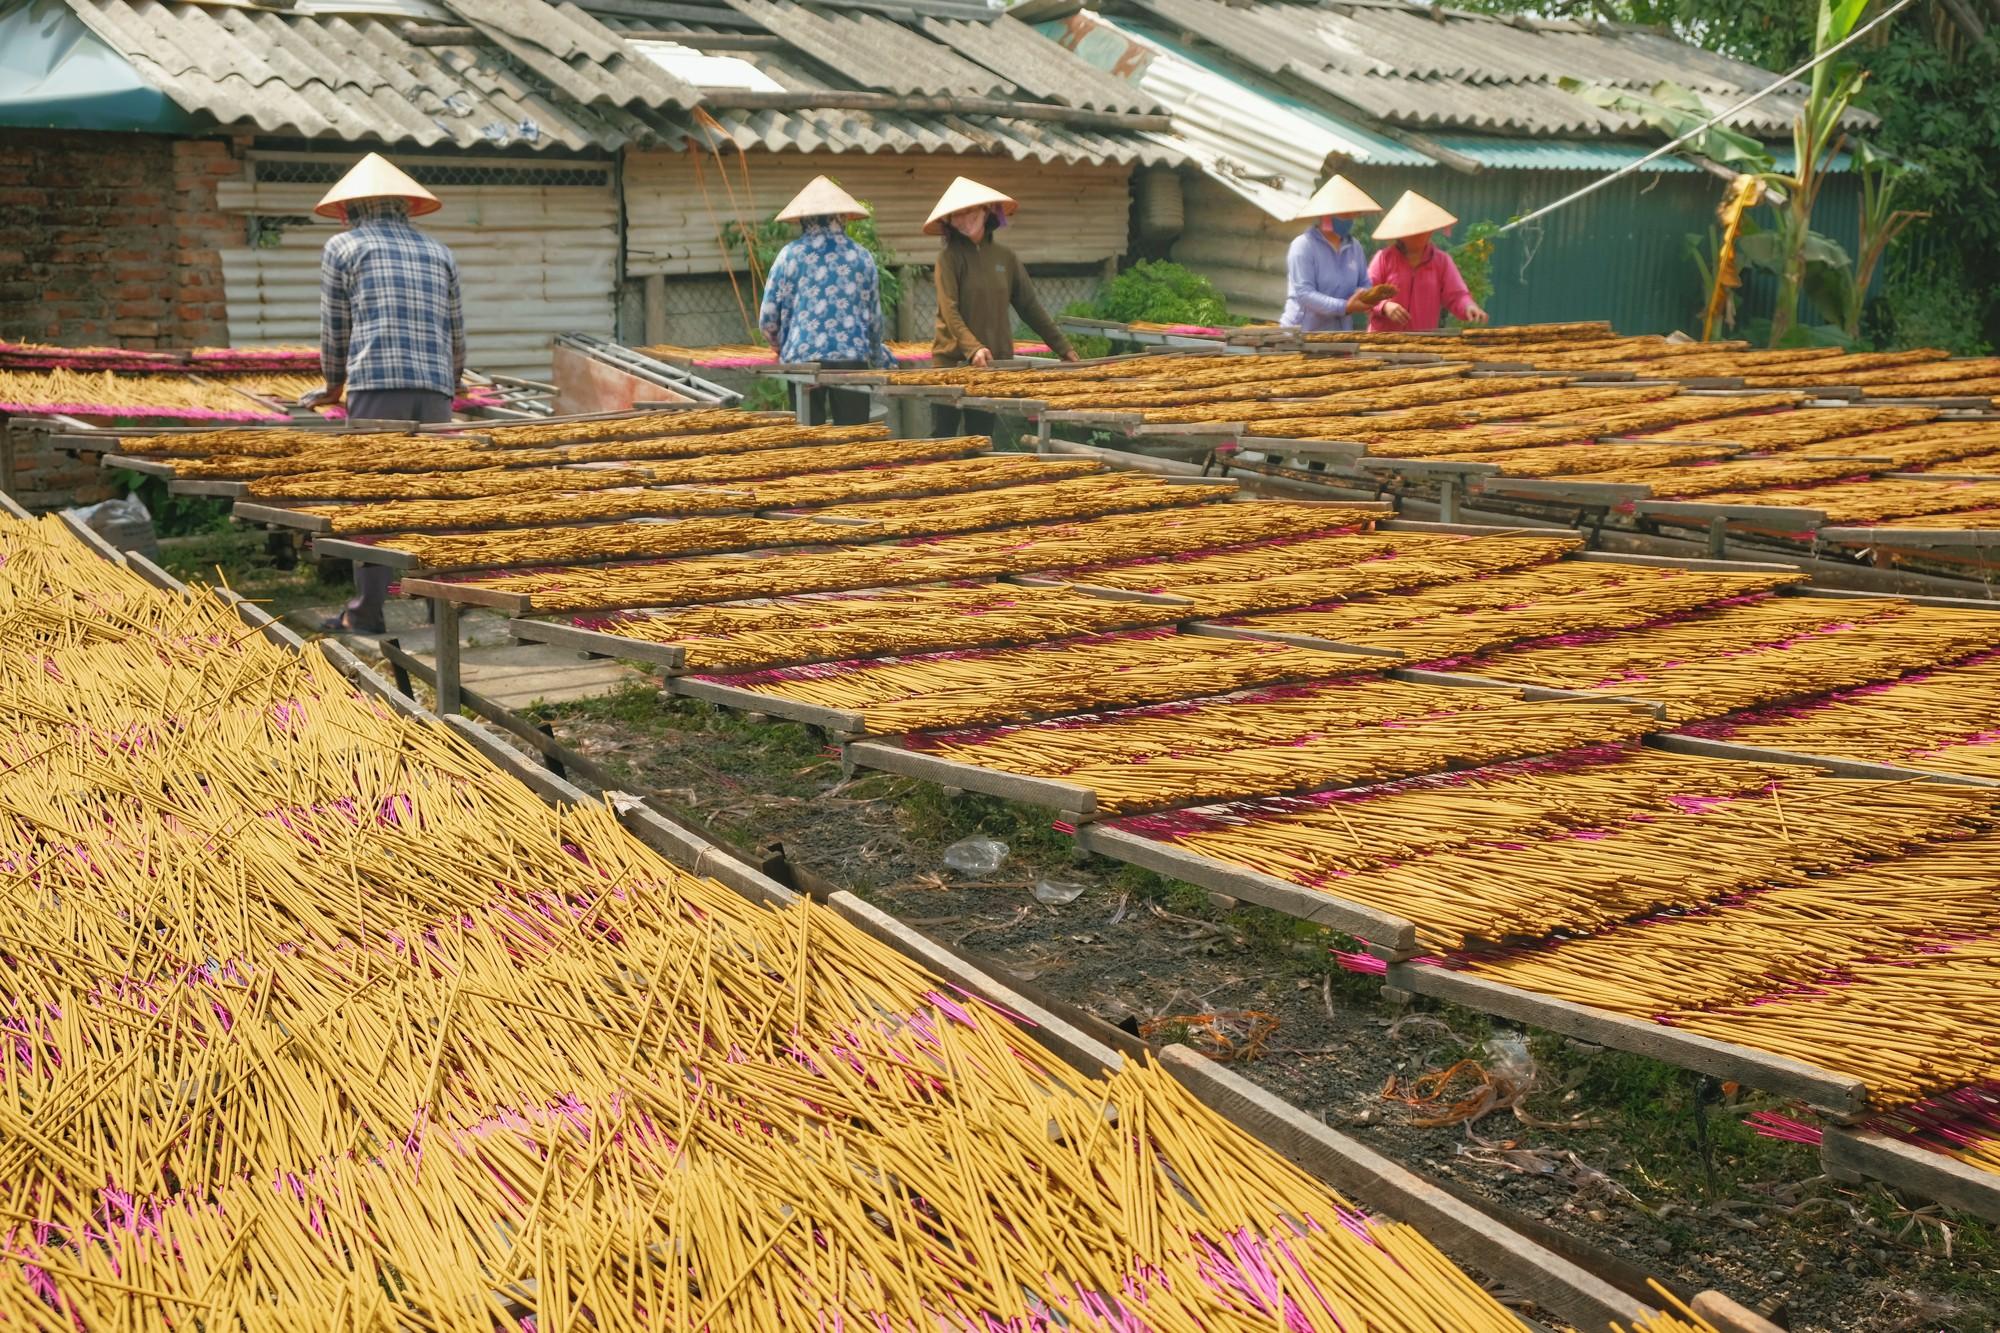 Về làng tăm hương Quảng Phú Cầu ngắm những đóa hoa đỏ rực dưới nắng thu - Ảnh 11.